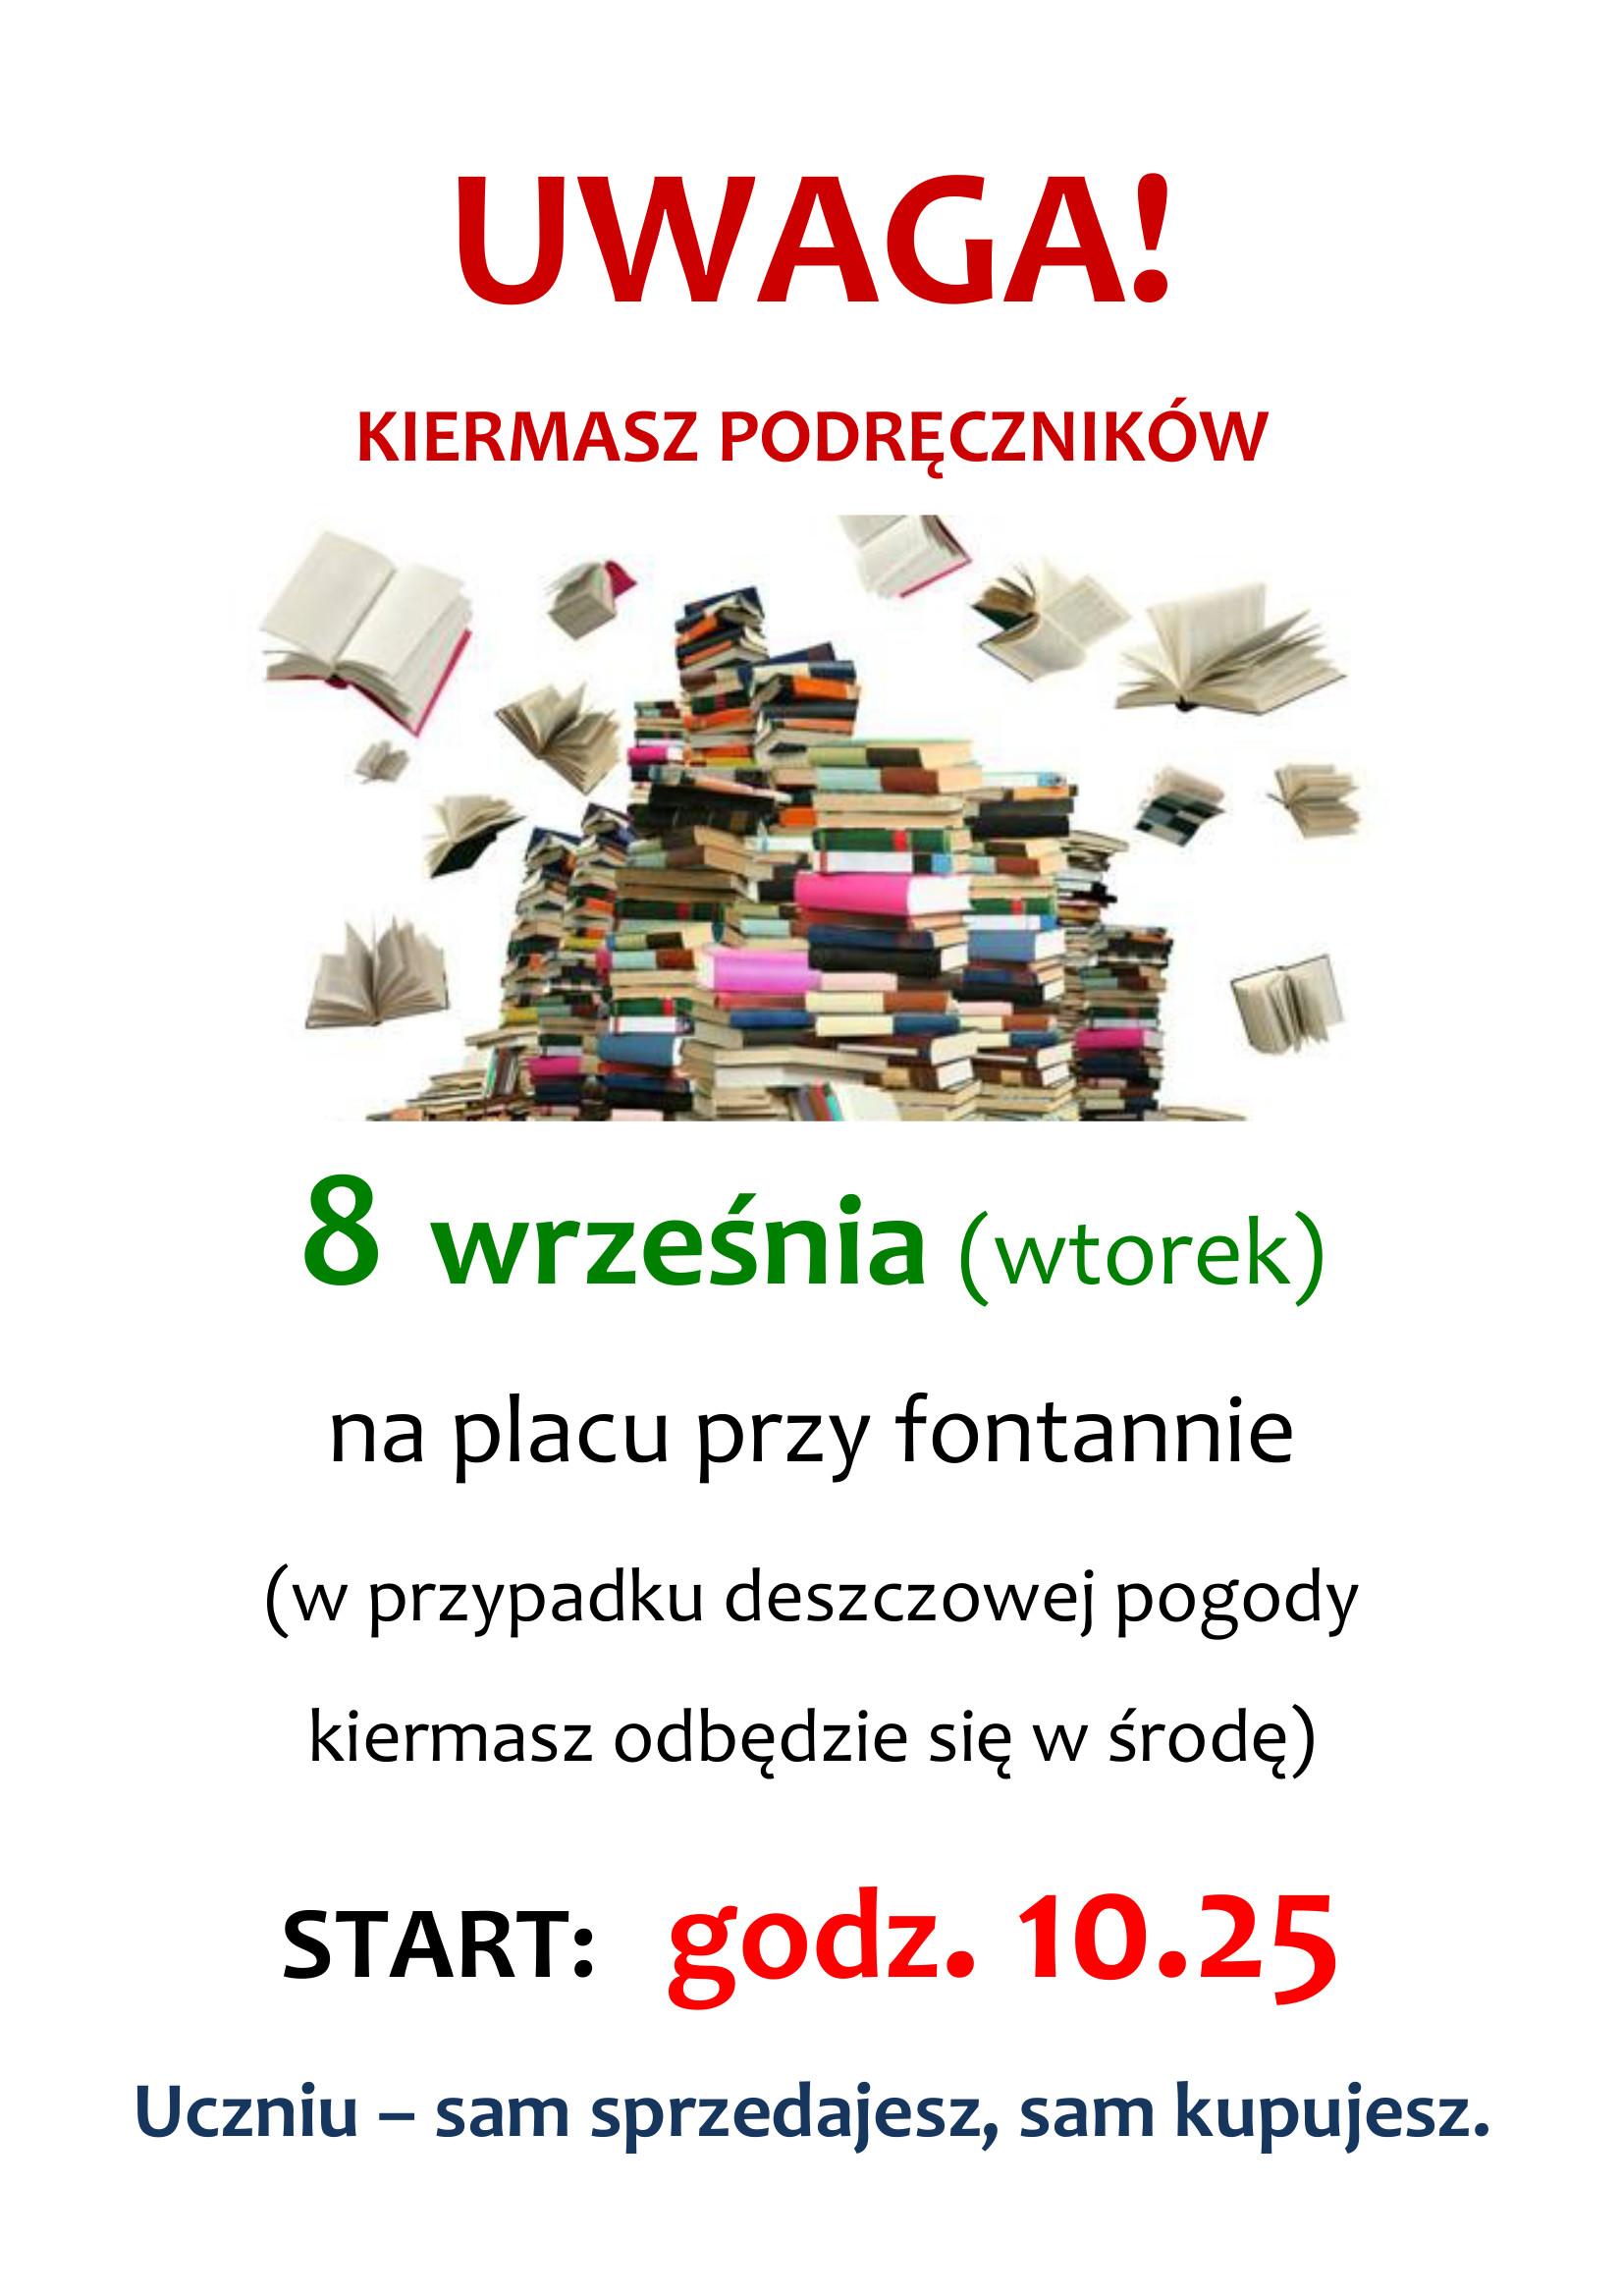 kiermasz-podręczników-2020-1.jpg